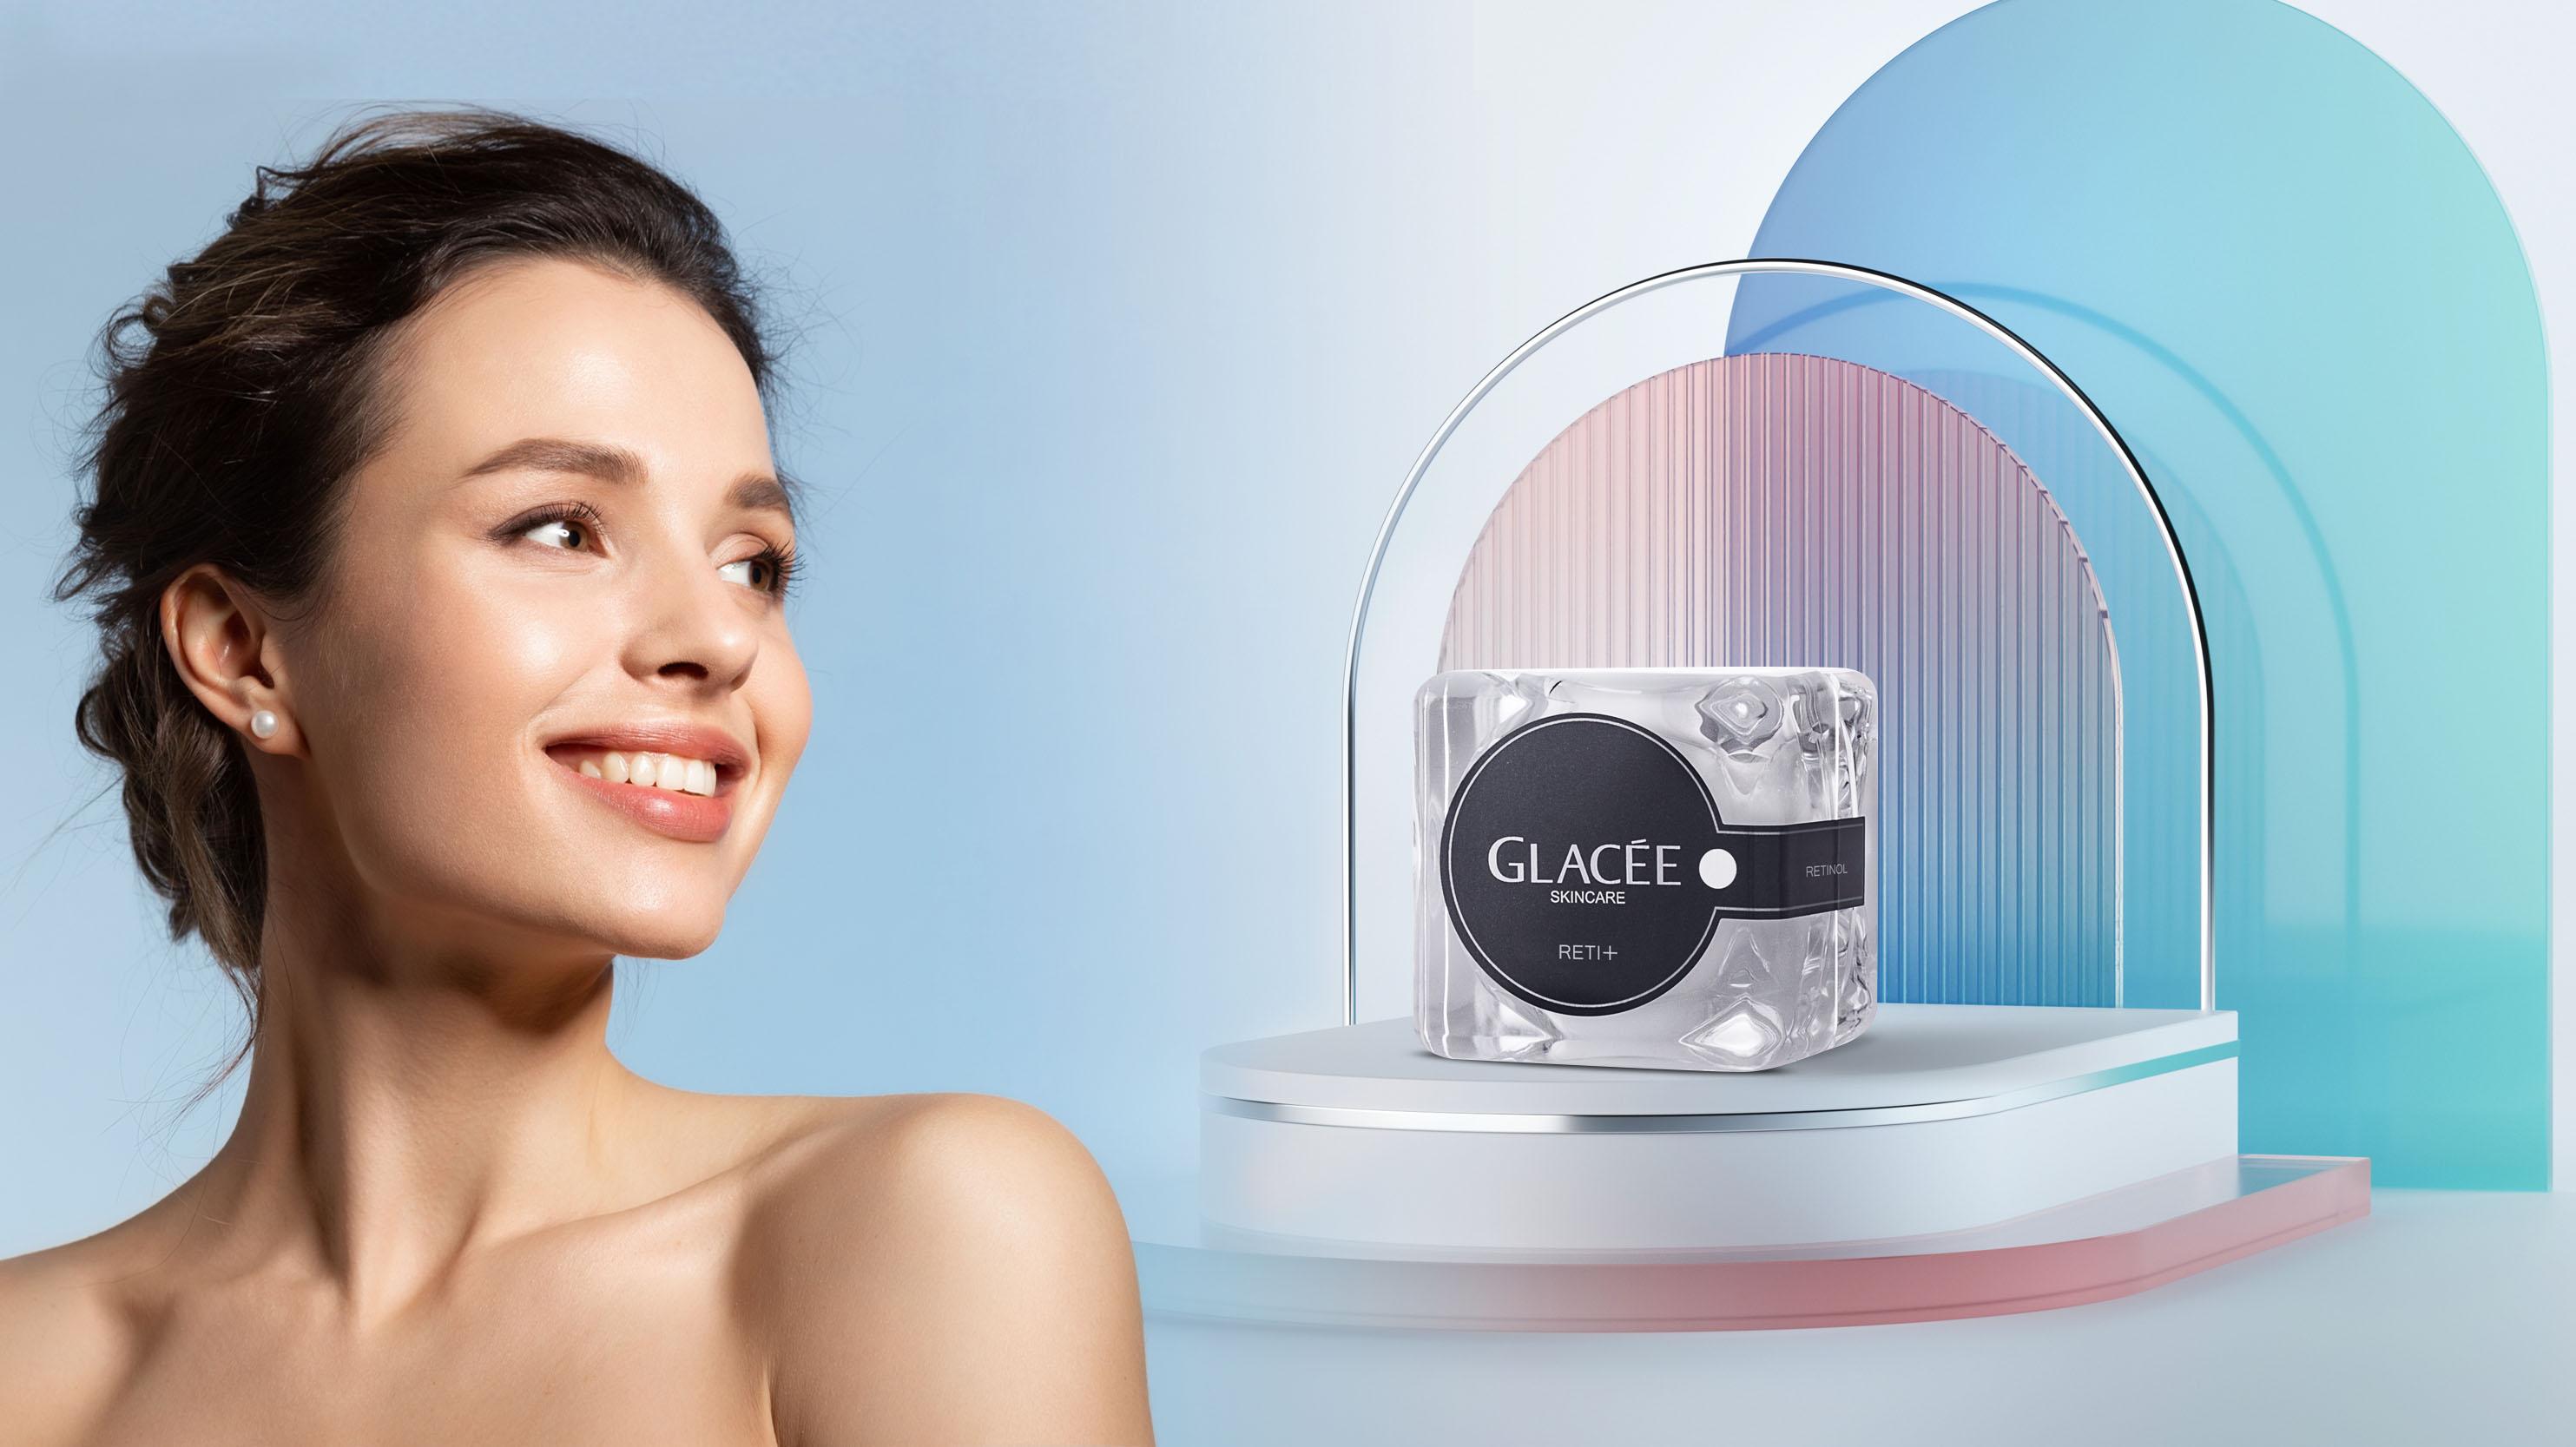 Reti+ de Glacée Skincare